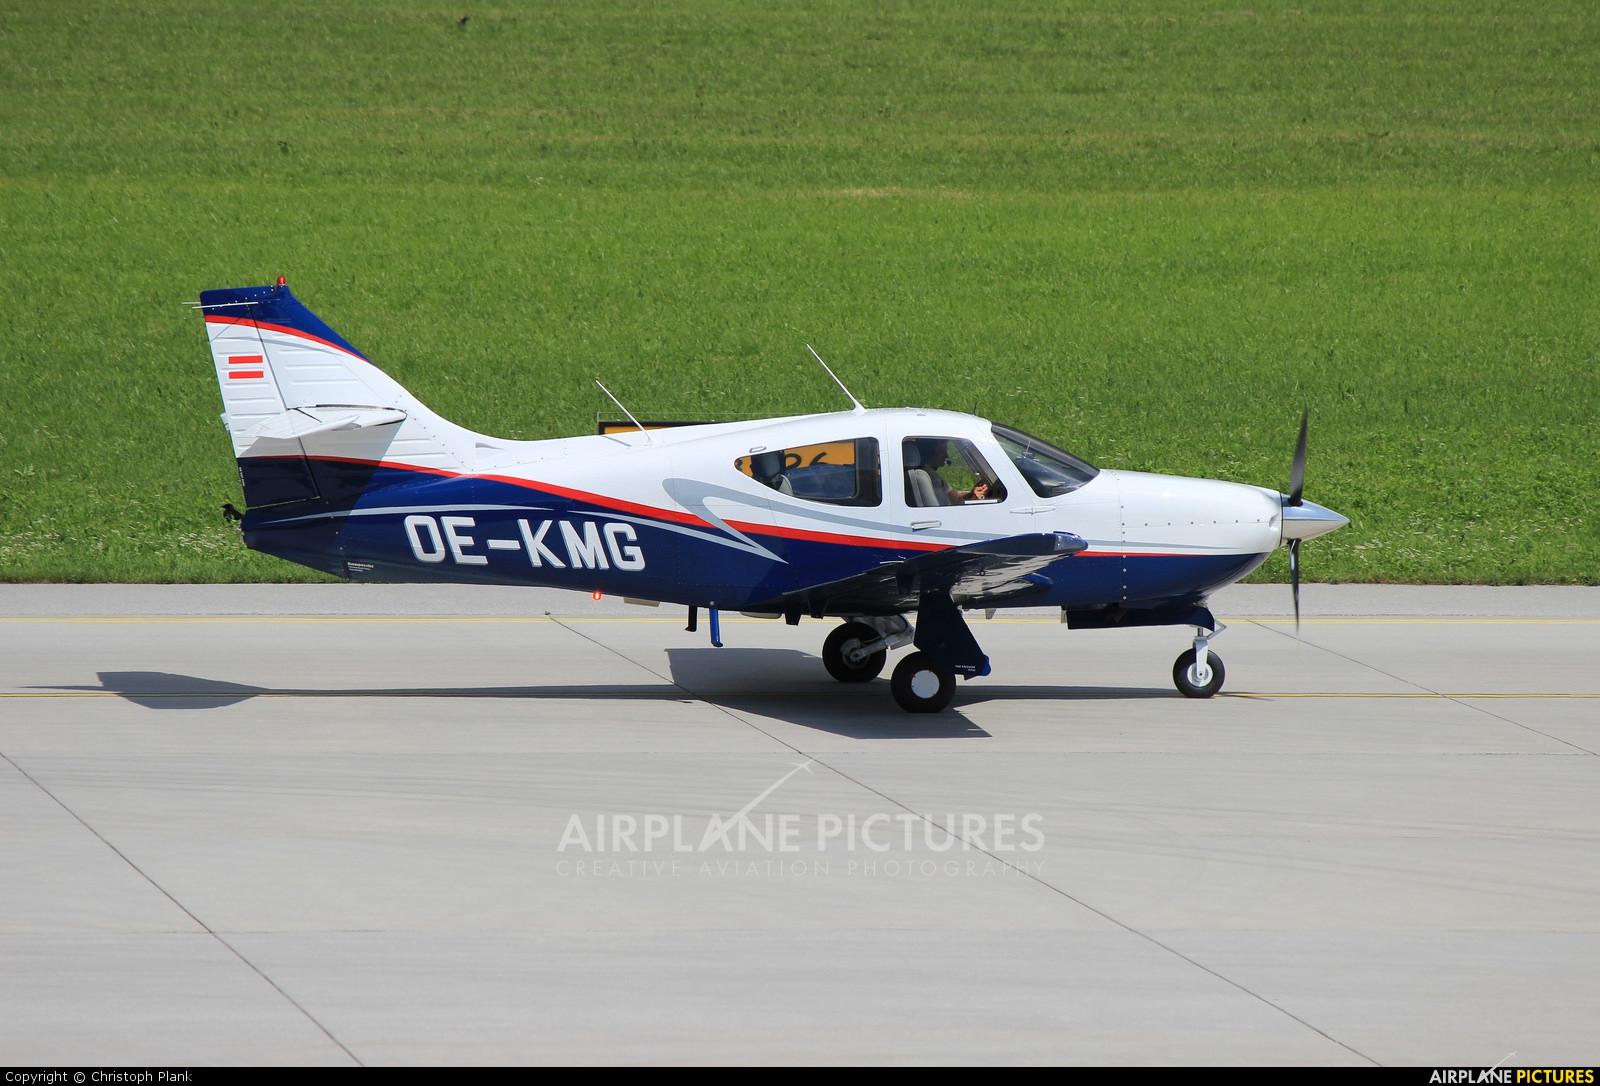 FlyTyrol OE-KMG aircraft at Innsbruck